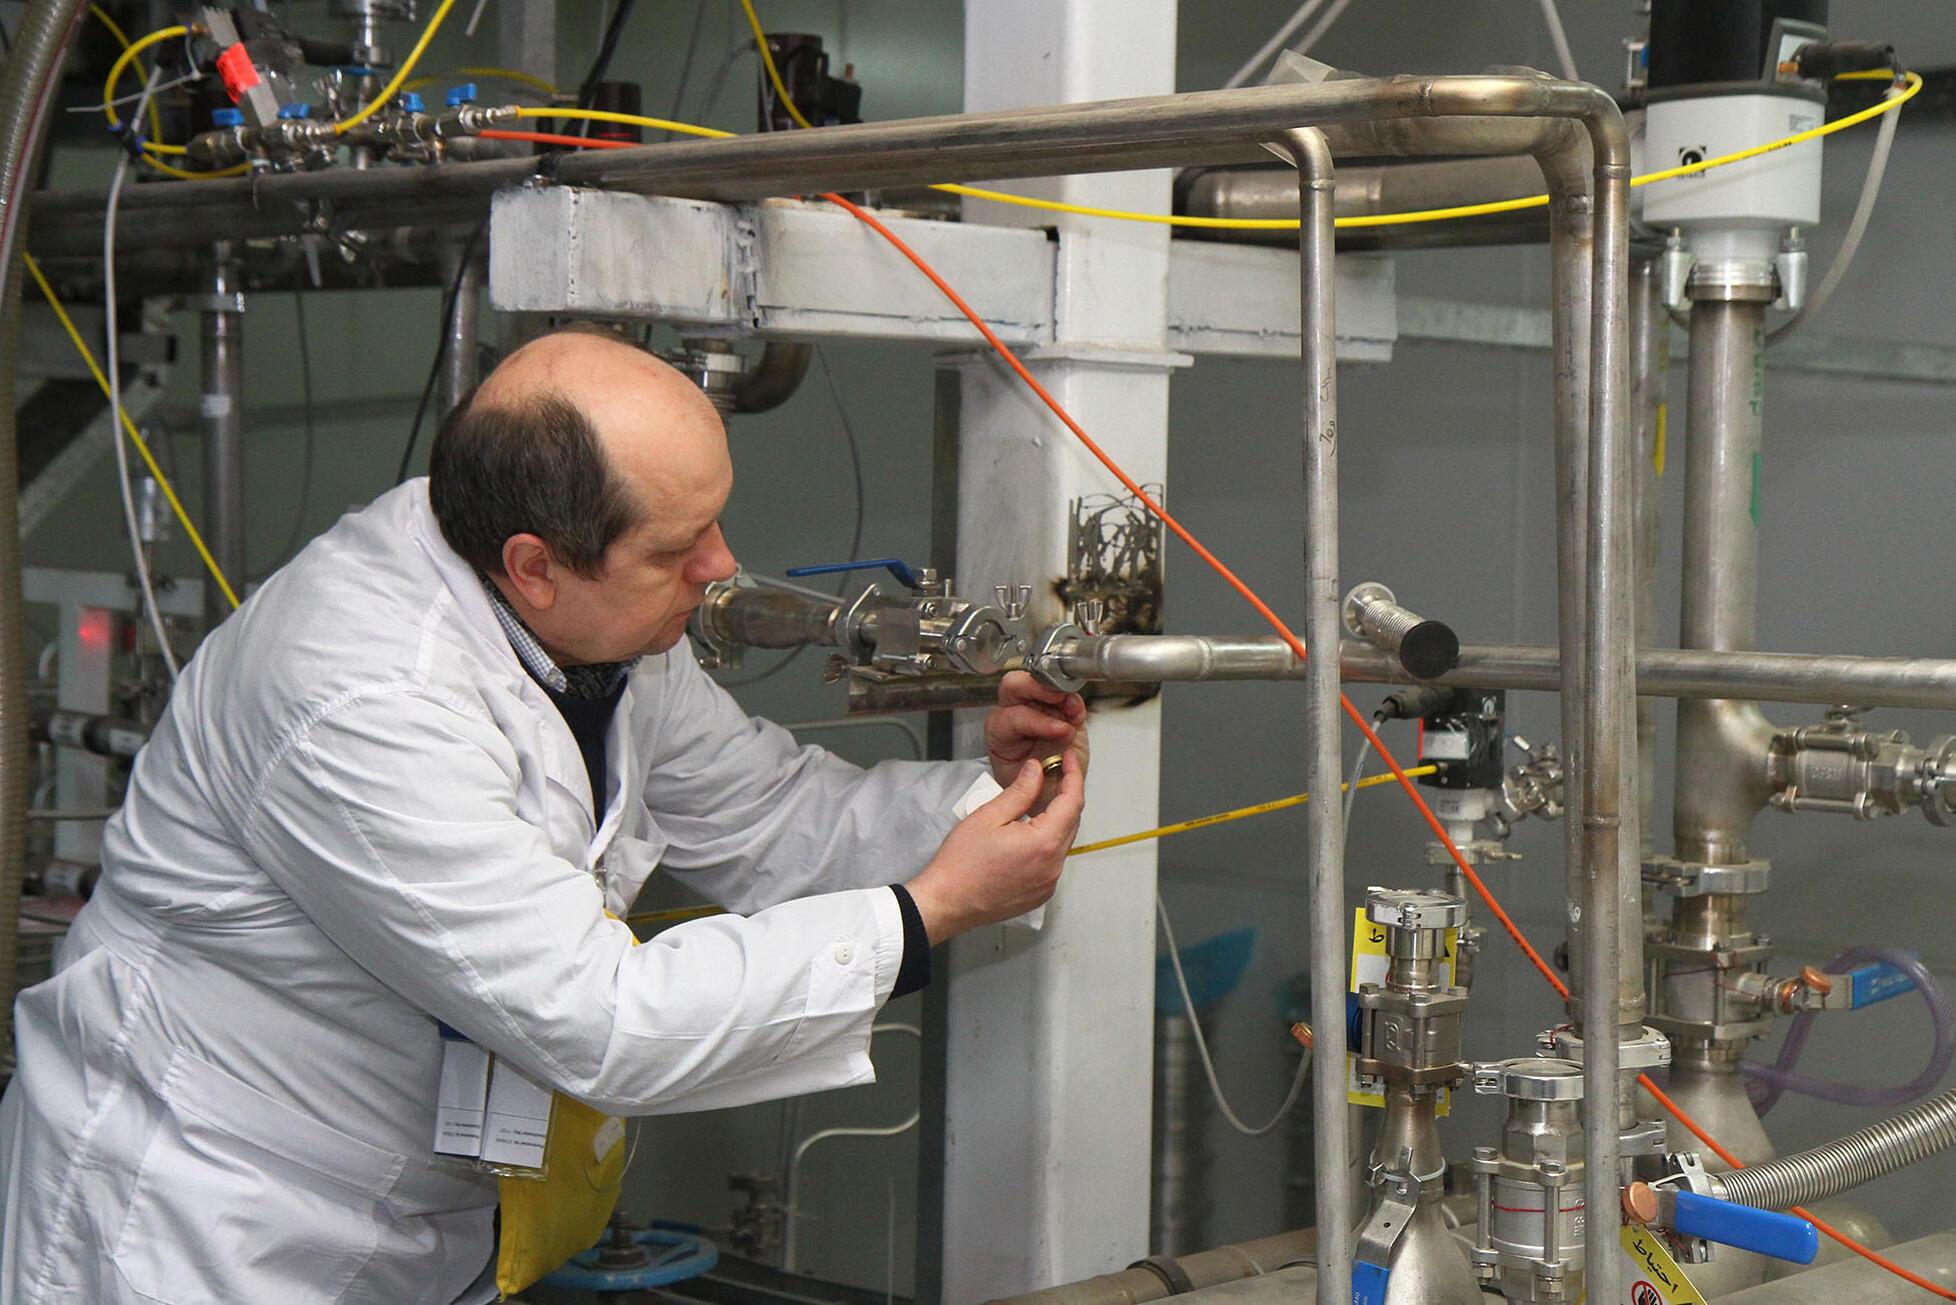 Foto de archivo que muestra a un inspector del OIEA en el complejo nuclear de Natanz (Irán), el 20 de enero de 2014